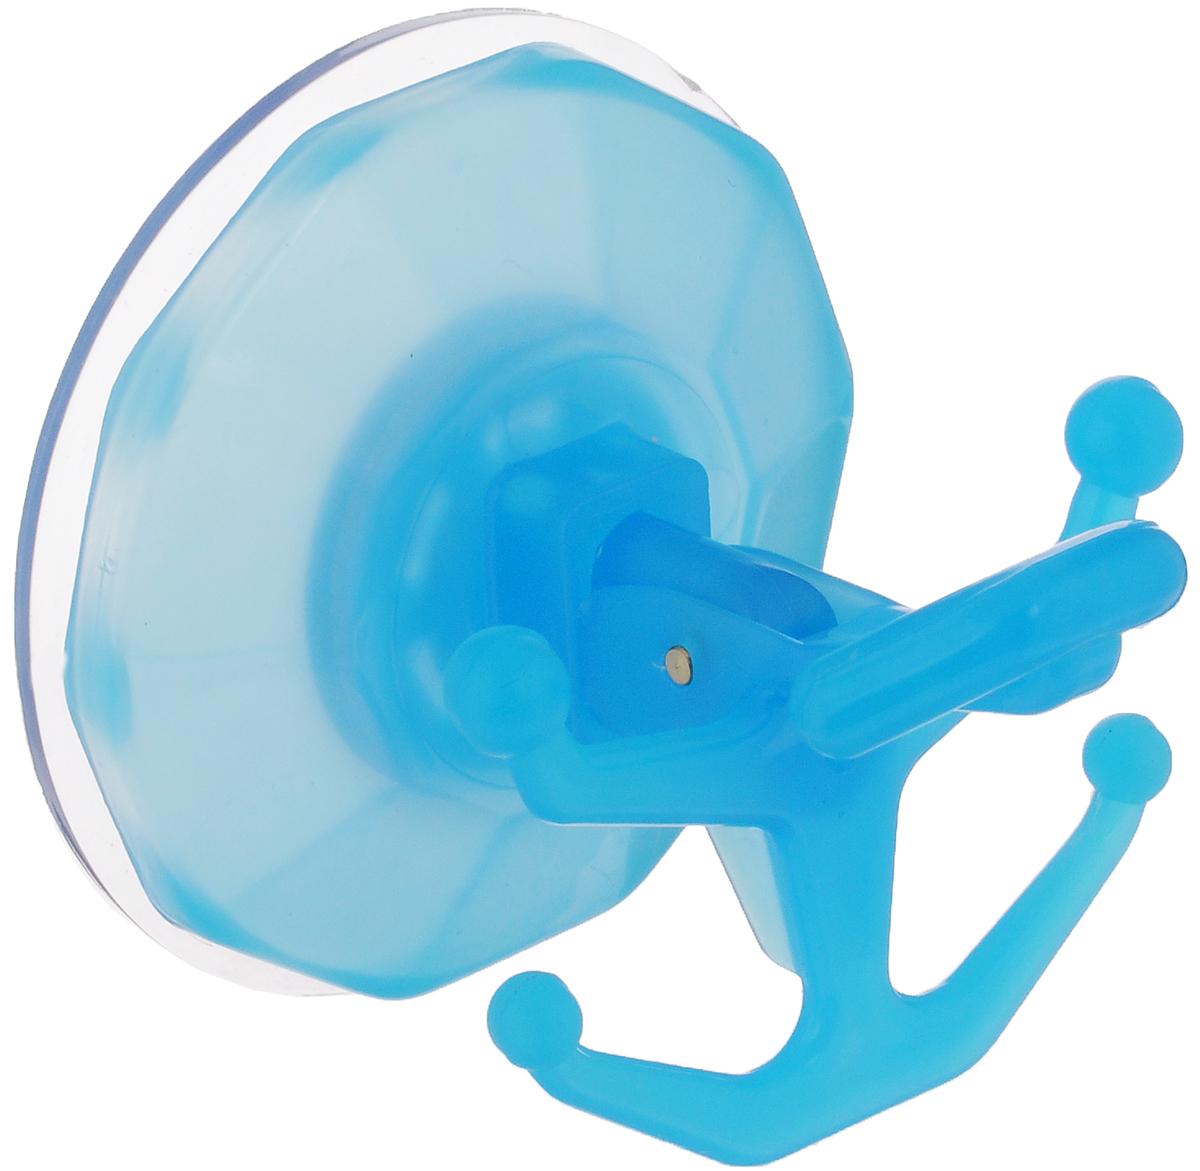 Вешалка настенная Gimi Bingo, на присоске, цвет: голубой, 5 крючков1706050003000_голубойВешалка настенная Gimi Bingo, выполненная из пластика, станет отличным решением для прихожей, ванной или кухни. Вешалка имеет 5 крючков, на которые вы сможете повесить ваши вещи. Прочная присоска надежно крепится к стене и не оставляет разводов и пятен. Практичная настенная вешалка поможет организовать пространство в вашем доме. Особенности вешалки: - успешно работает в интервале температур от -20°С до +60°С; - выдерживает нагрузку до 20 кг; - может служить годами, не требуя перевешивания; - без усилий снимается и перевешивается на новое место.